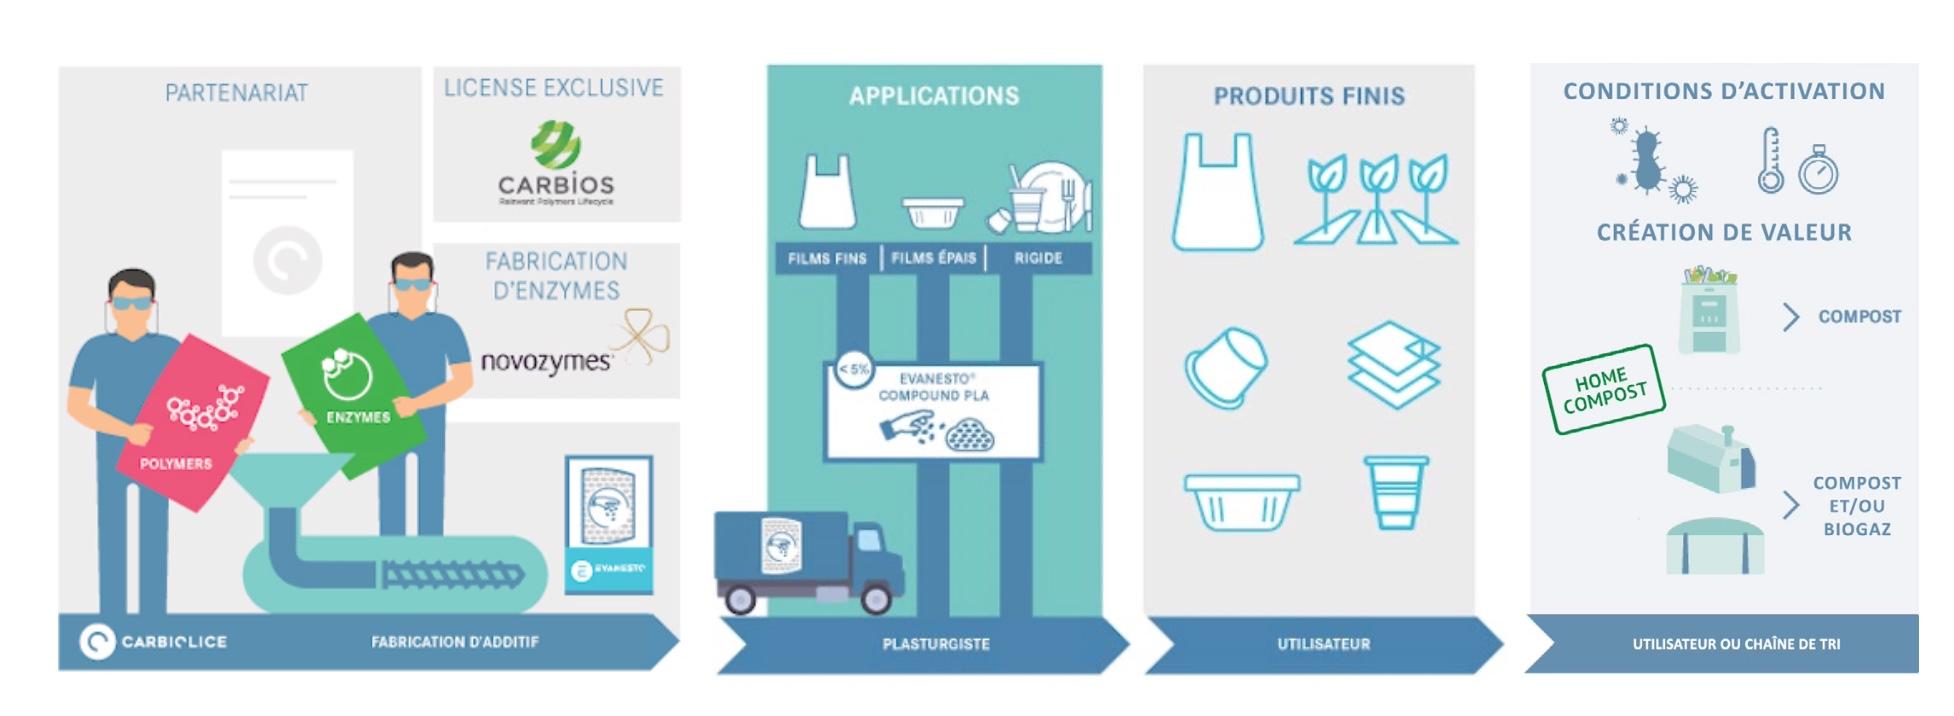 Capture decran 2020 11 18 a 10.54.36 - La start-up qui fait disparaître le plastique, chez soi, en moins de 200 jours !